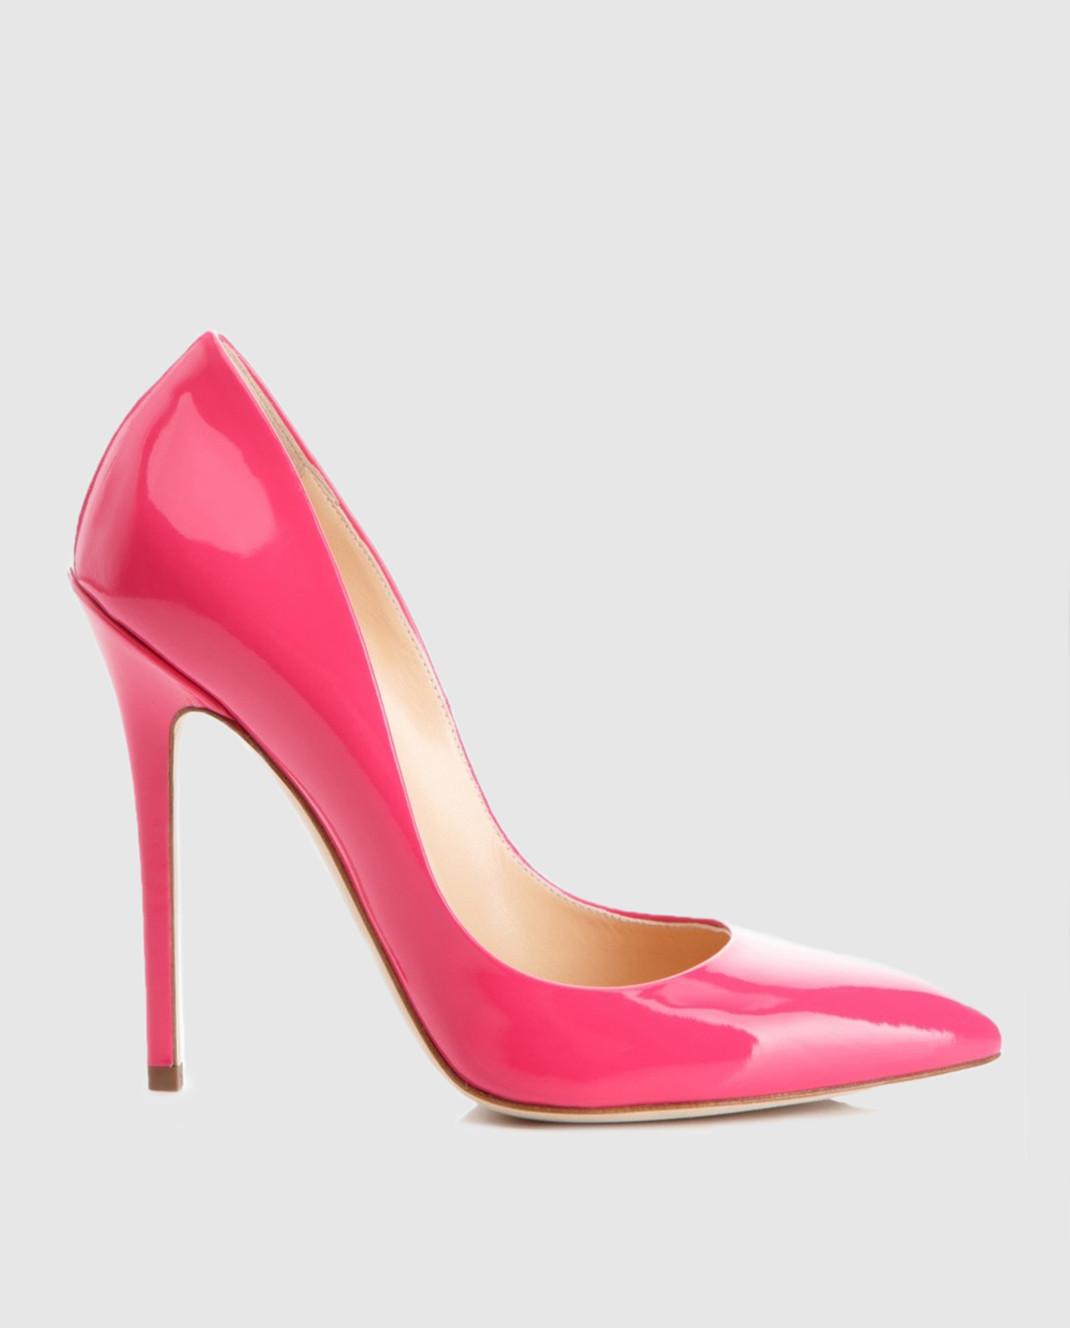 Cerasella Розовые лодочки из лакированной кожи изображение 1